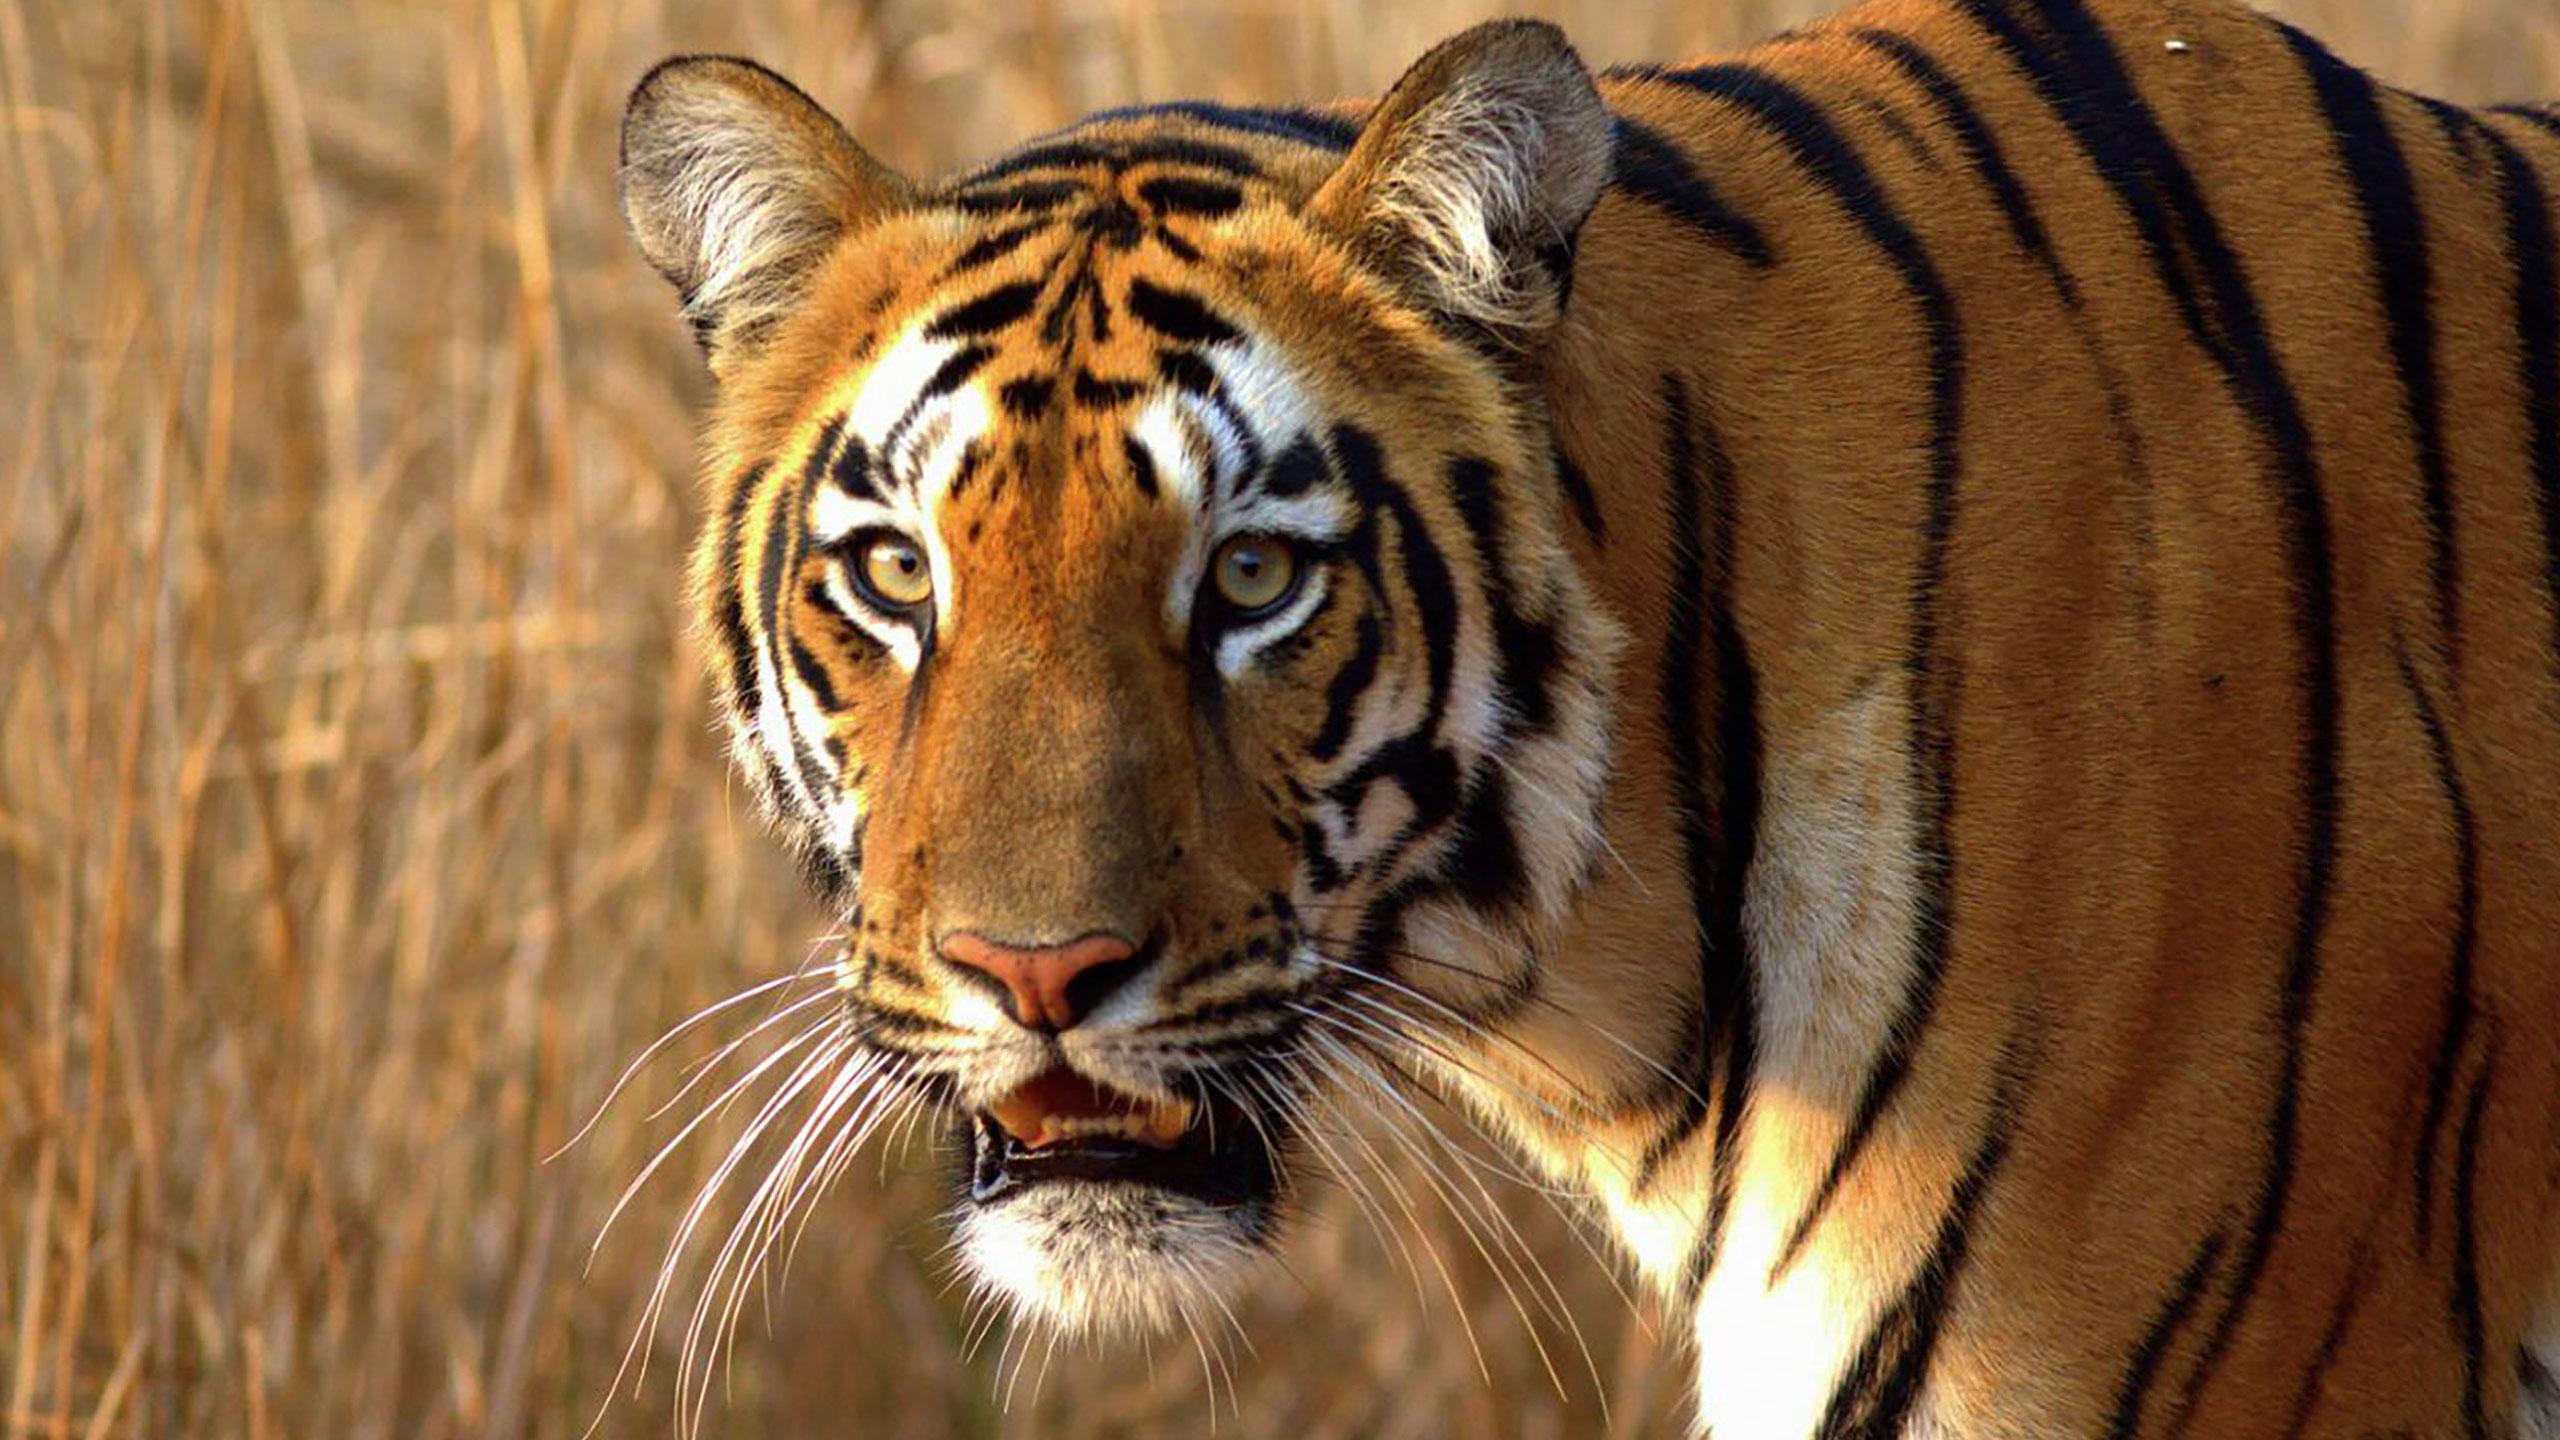 Sushma-Mishra-Tiger-Featured-image